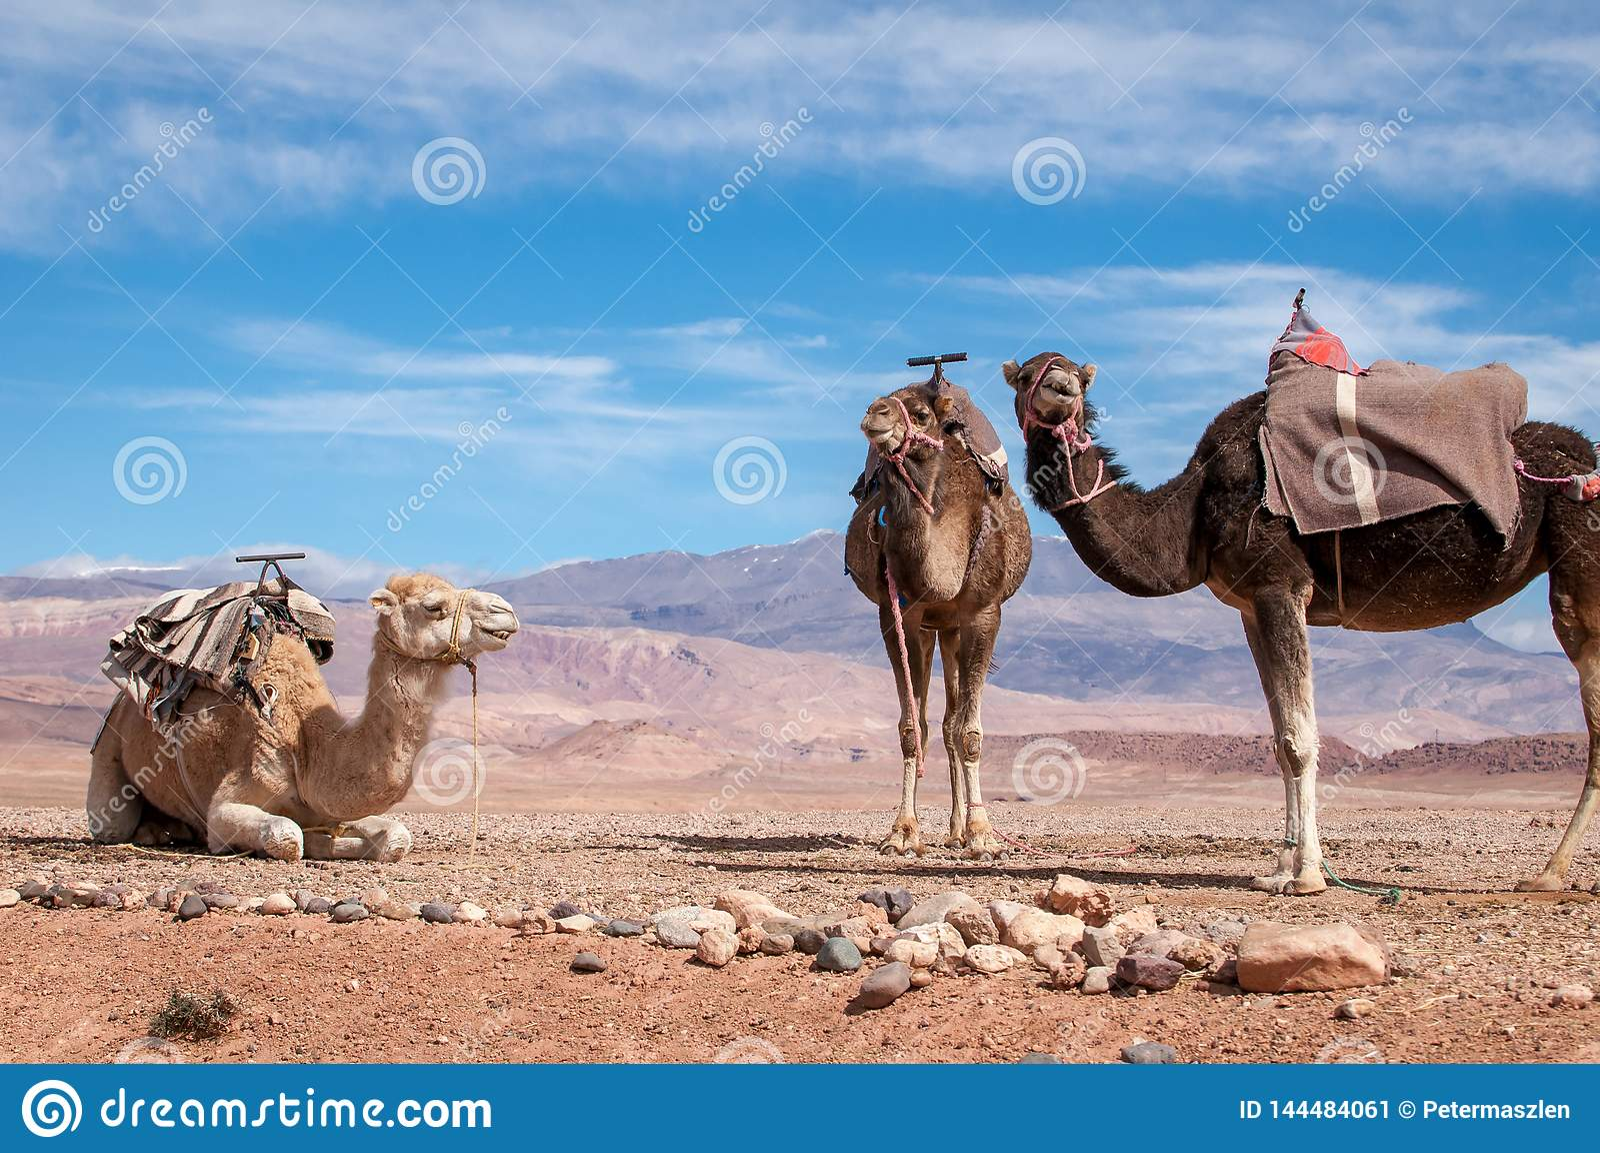 Traditional Dromedaries in Moroccan desert